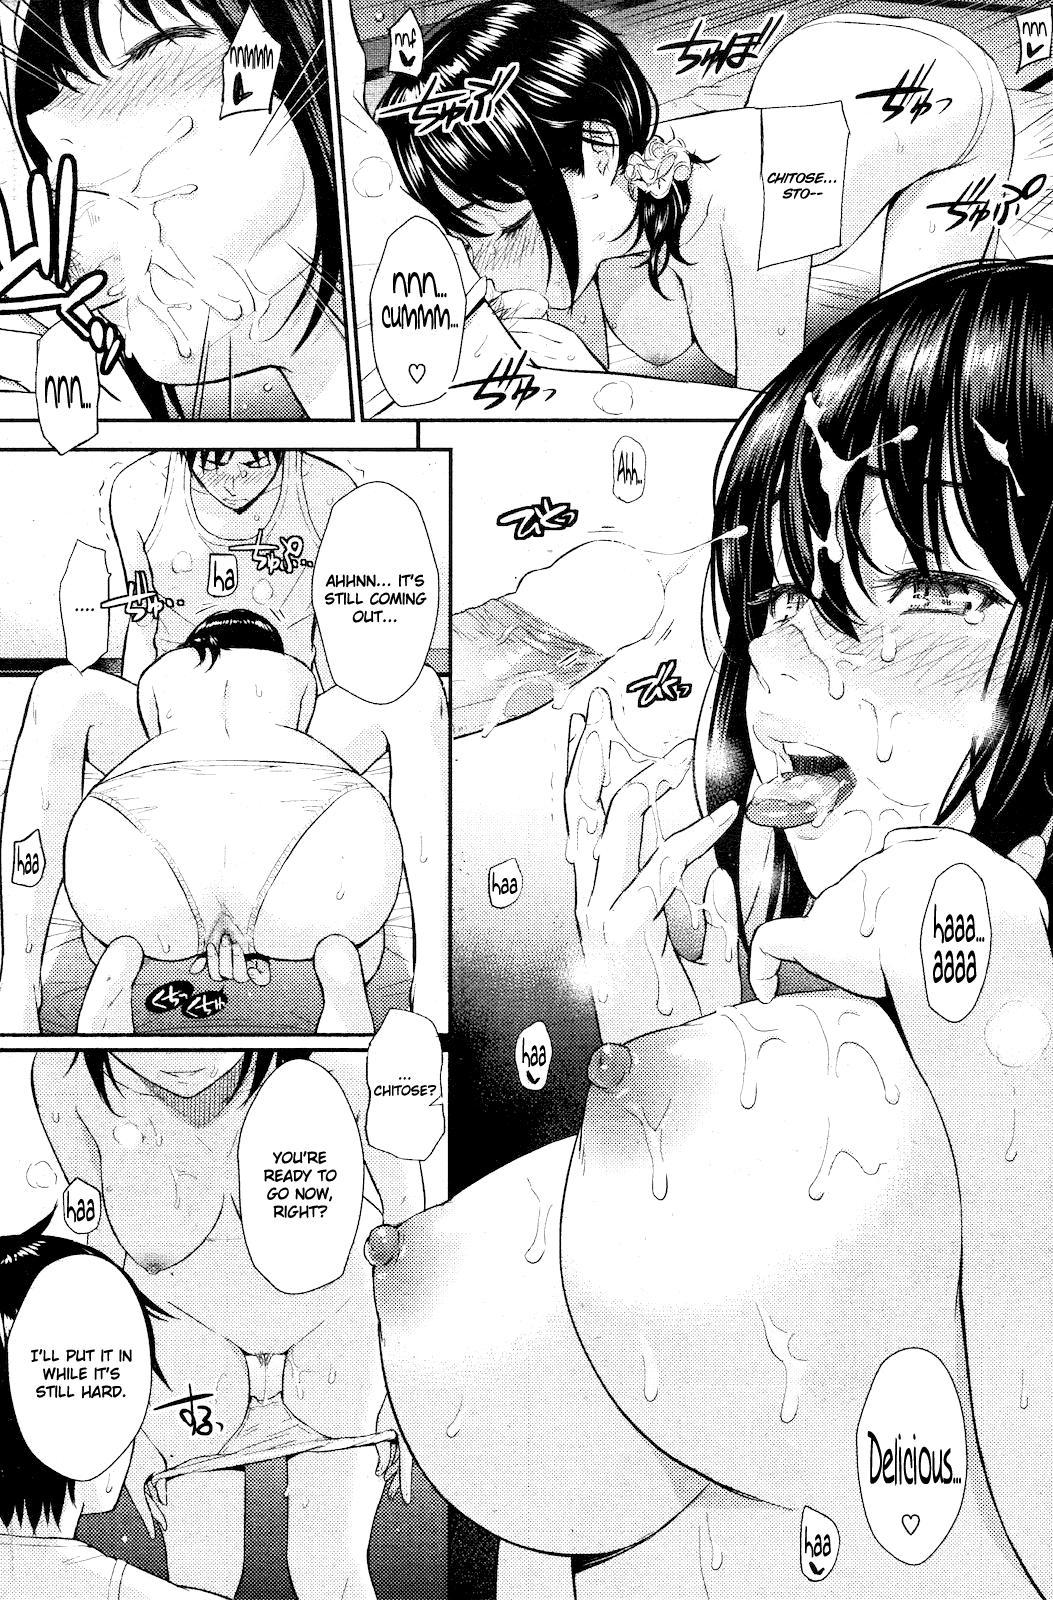 Summer Beast - Natsu no Kemono 15